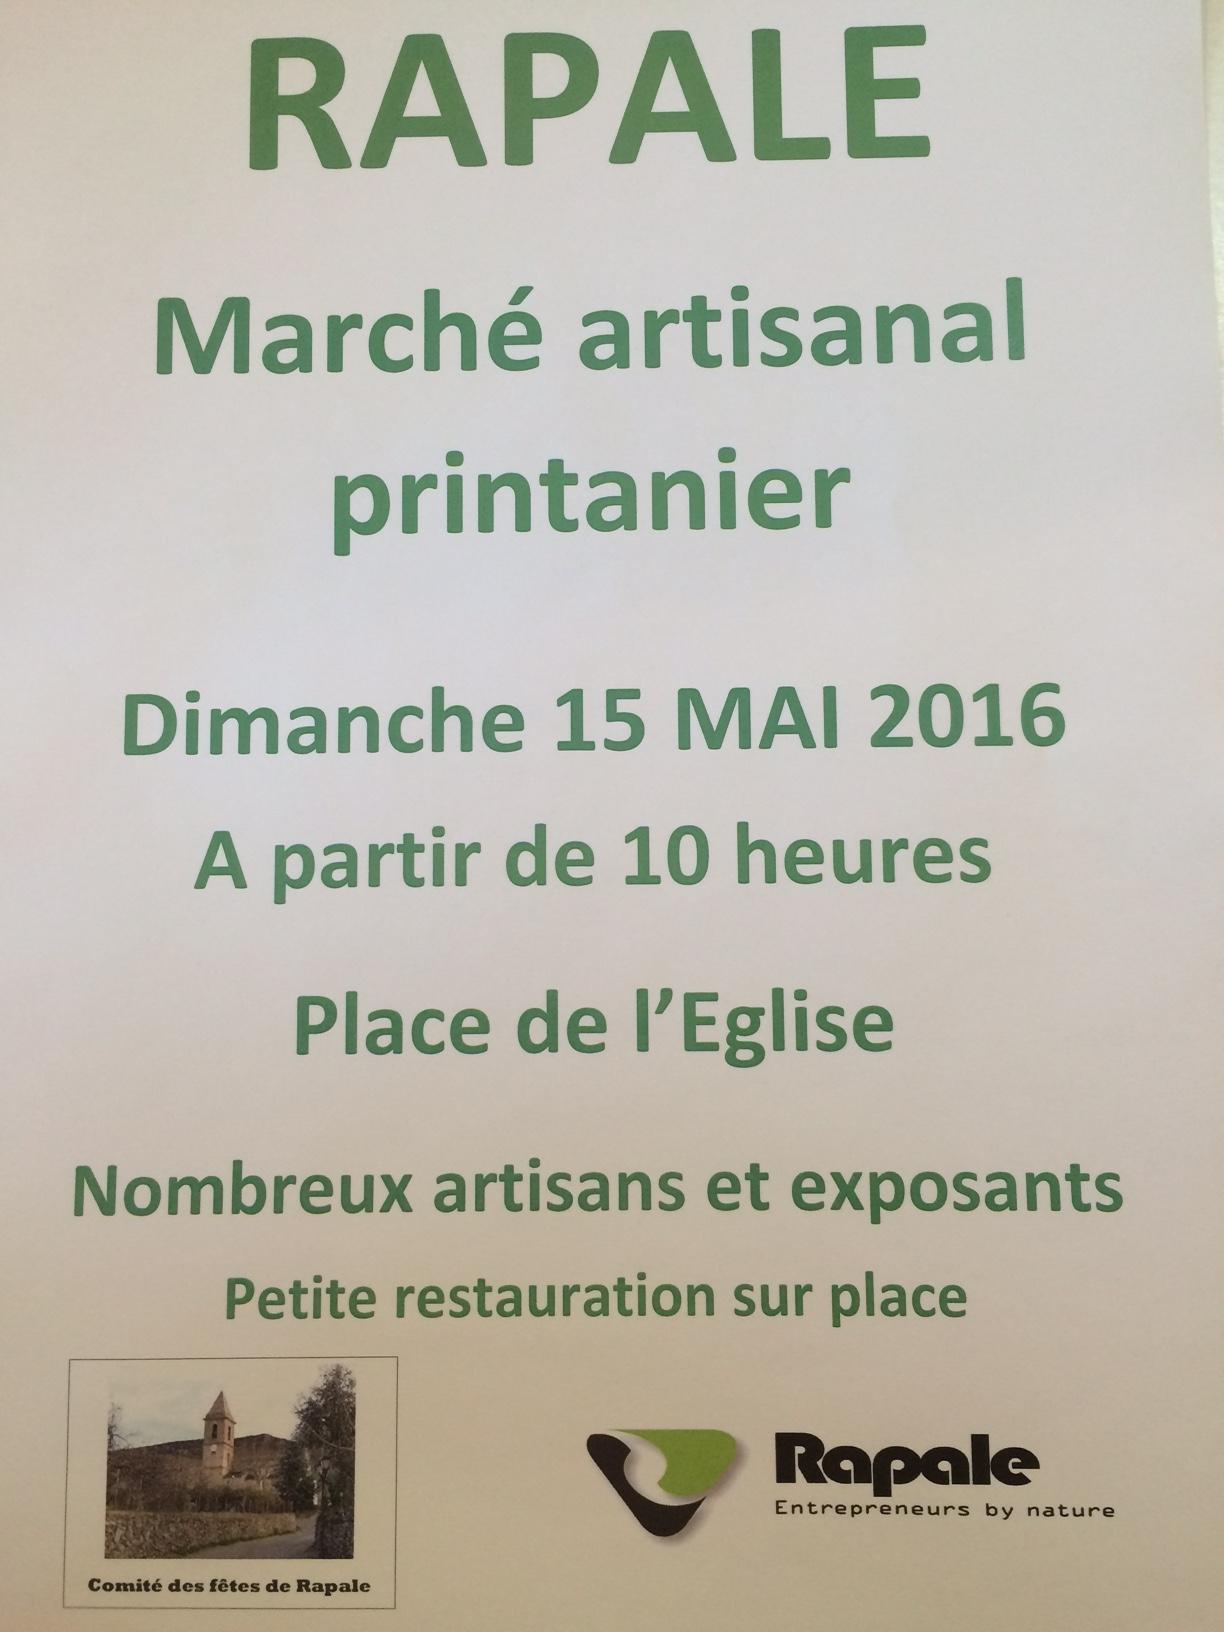 Rapale : Le marché printanier aura lieu dimanche